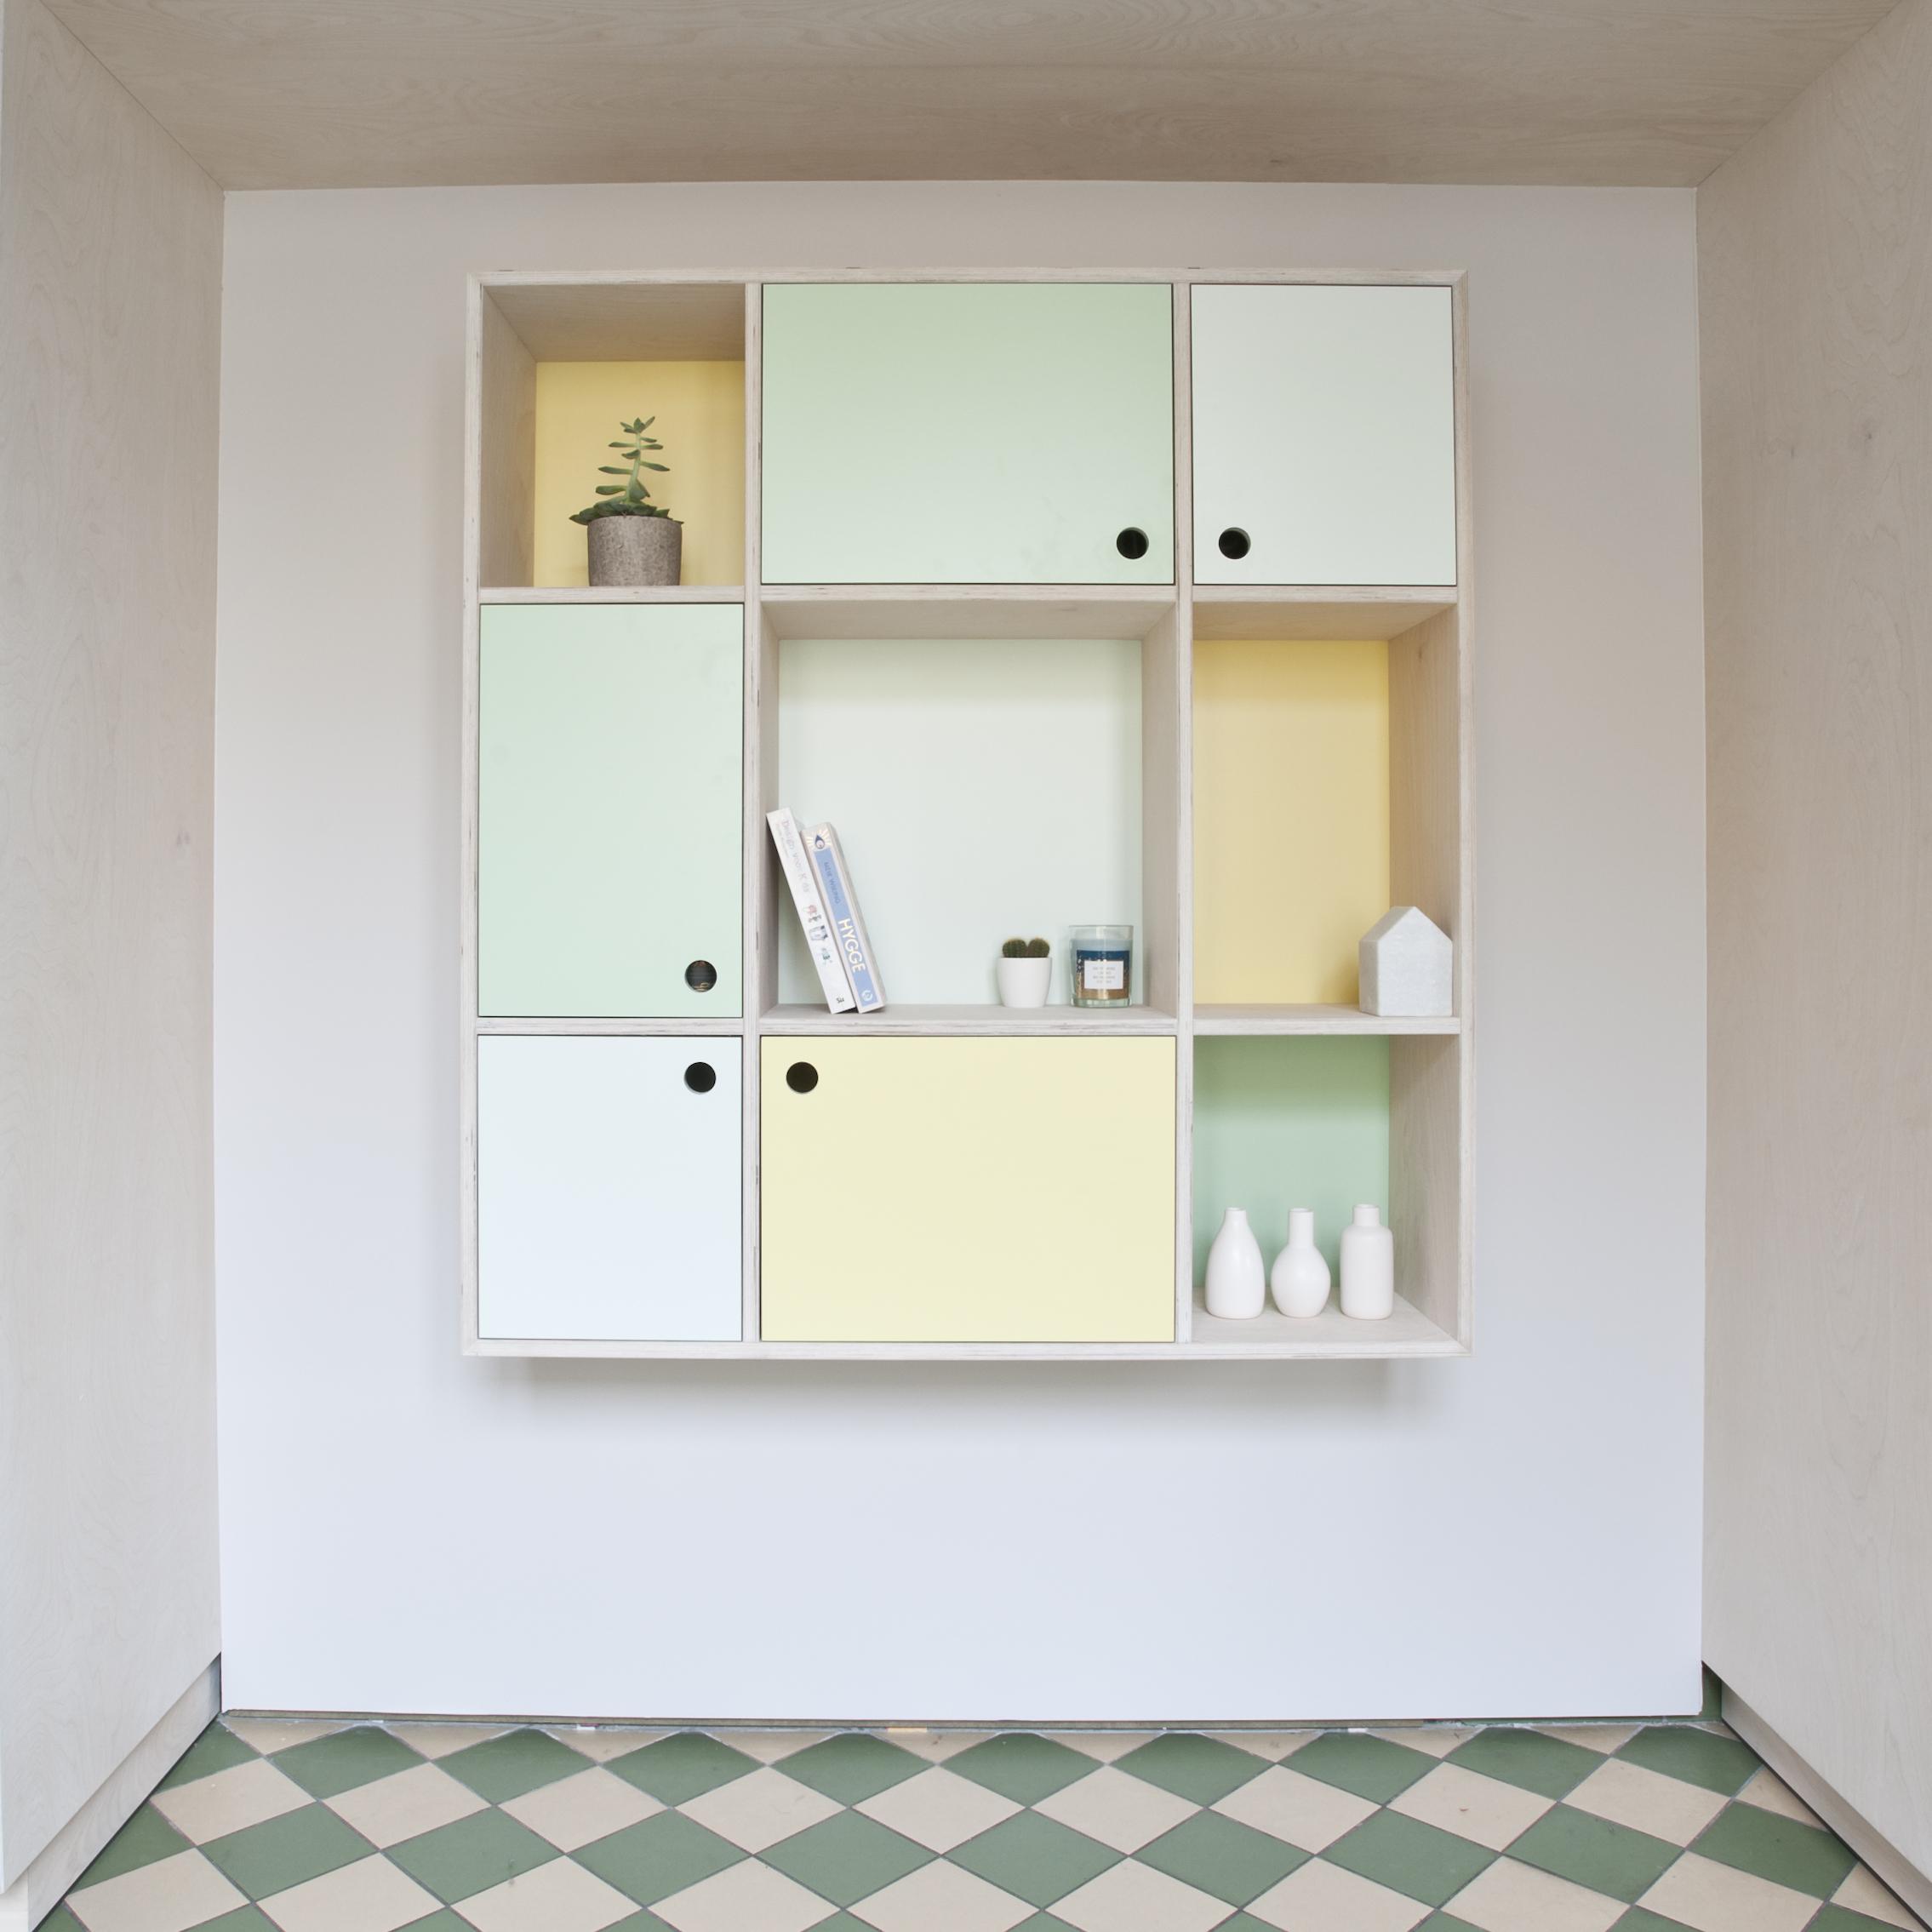 decoratie keukenkasten